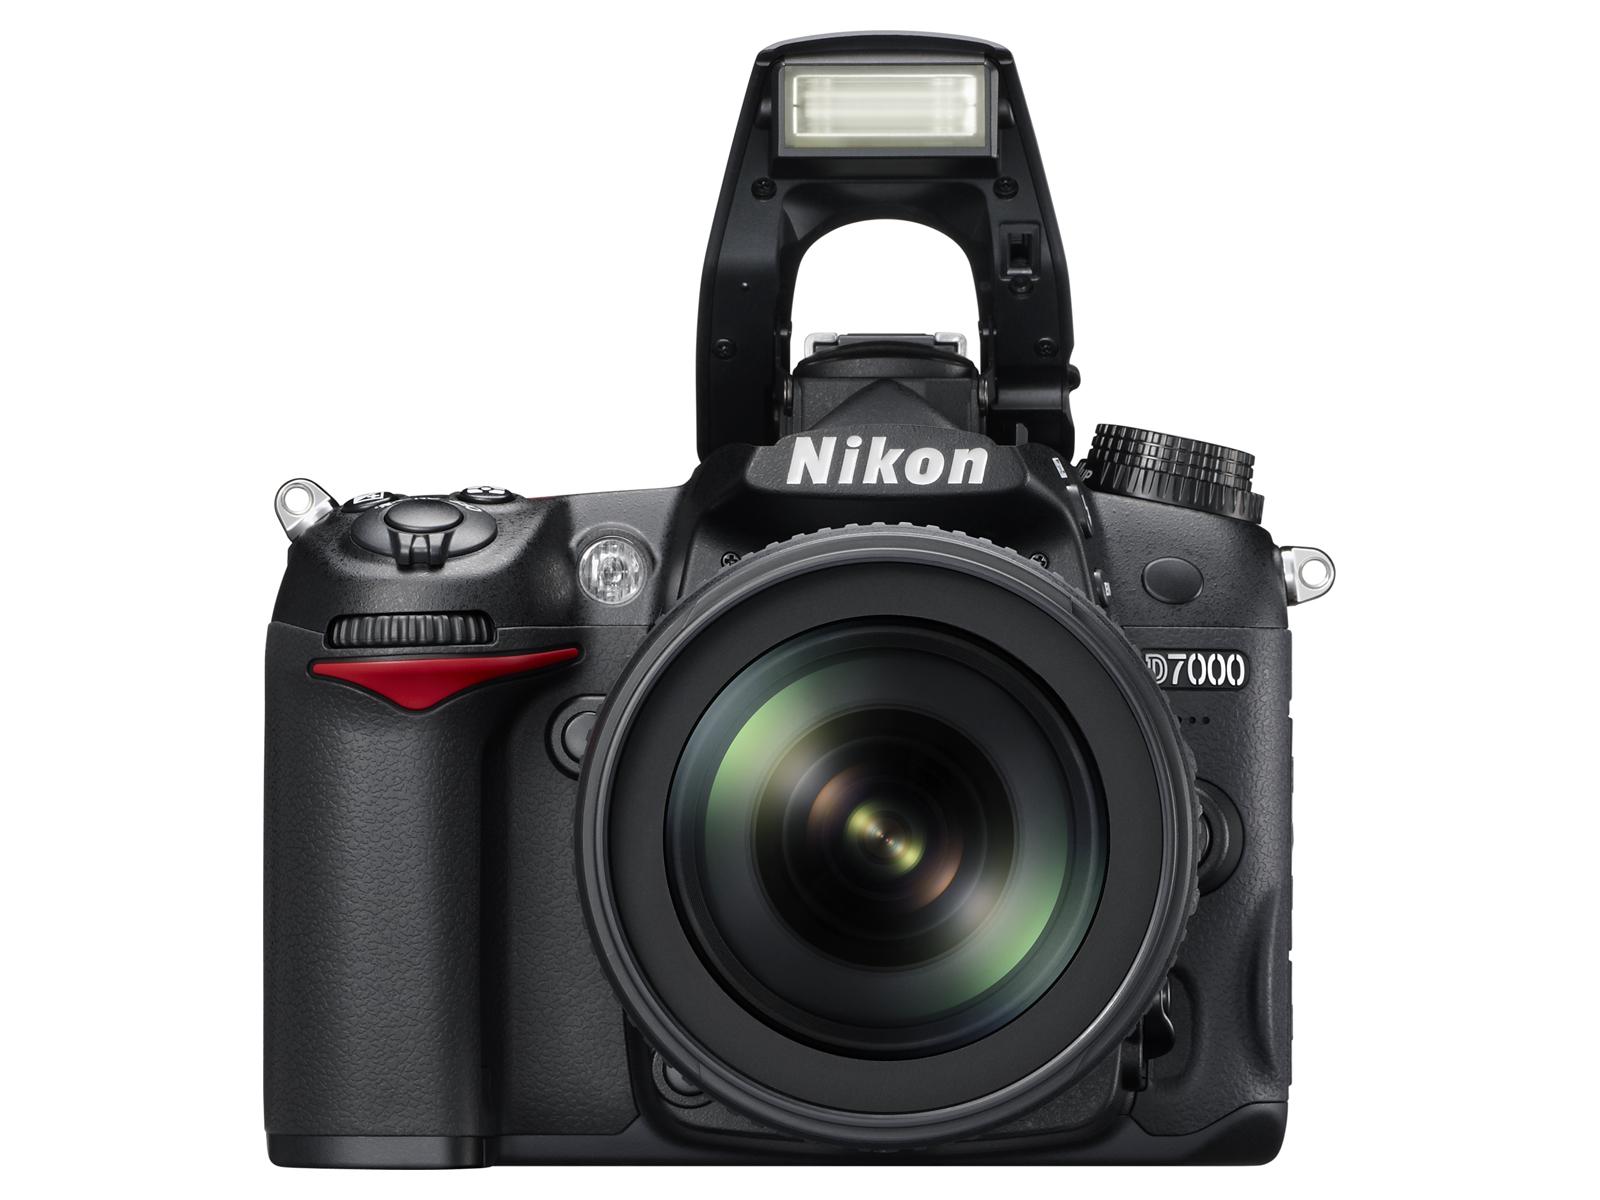 Nikon D7000 - 10